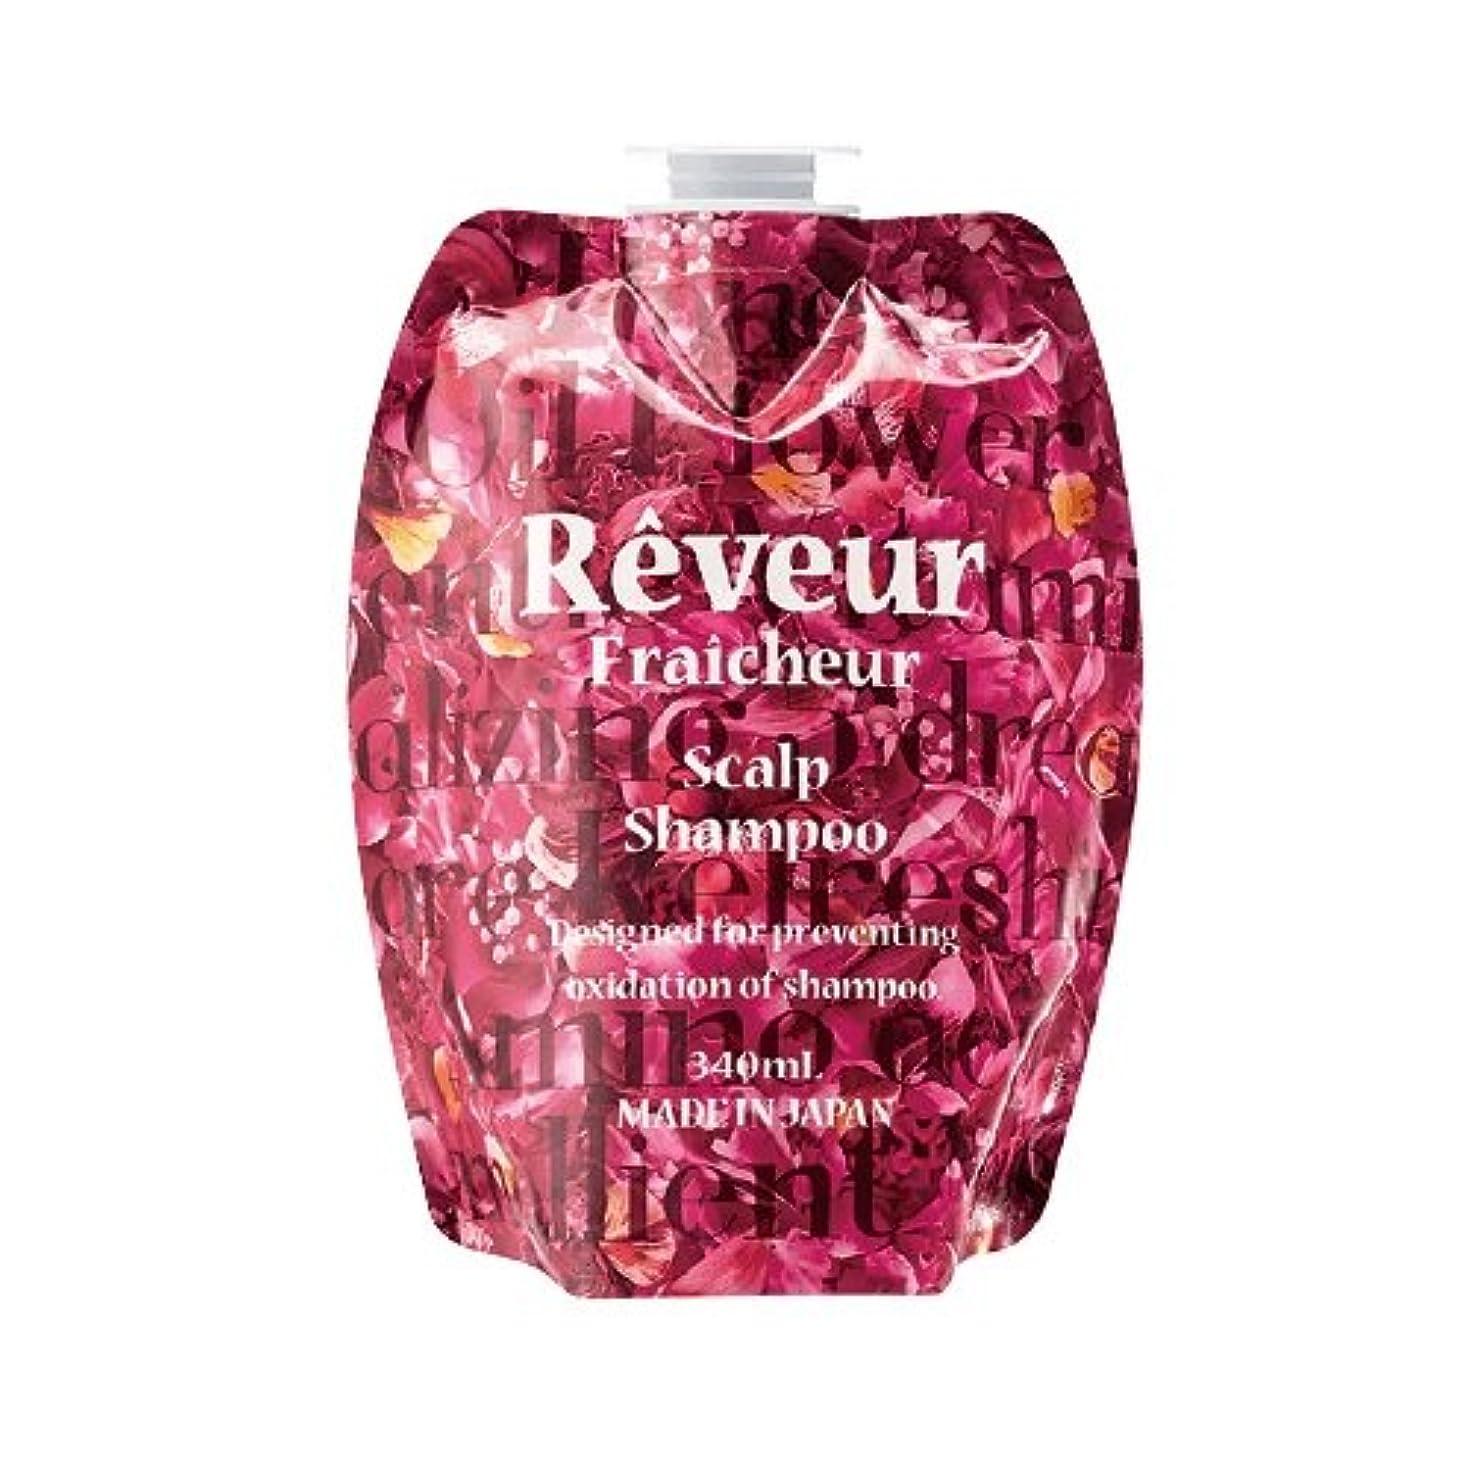 バングしおれた奨学金Reveur(レヴール) レヴール フレッシュール スカルプ シャンプー 詰替え用 (340mL)